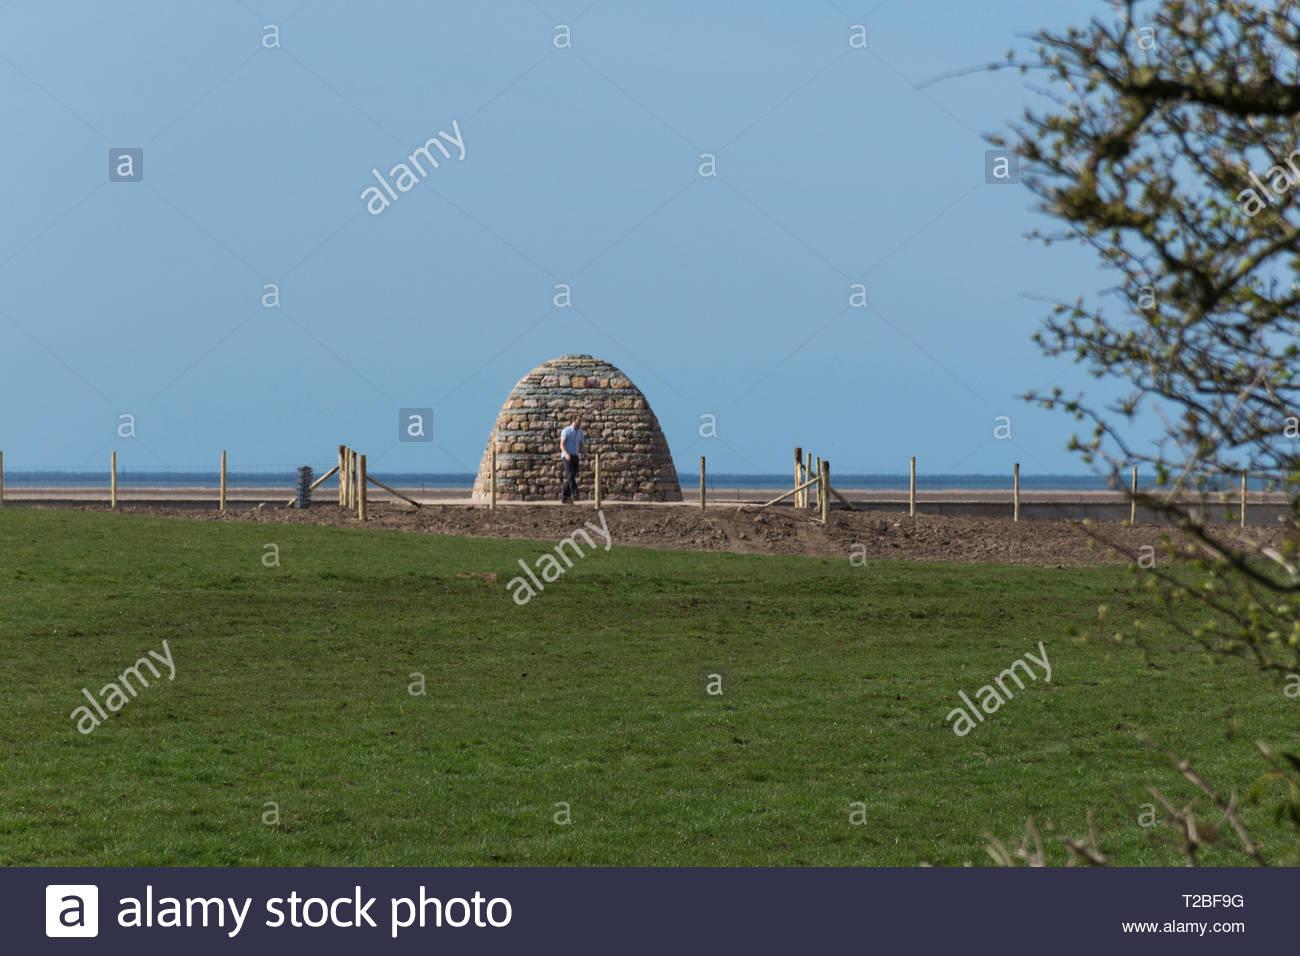 Chris Drury's Horizon Line chamber at Sunderland Point, Lancashire, England, UK - Stock Image